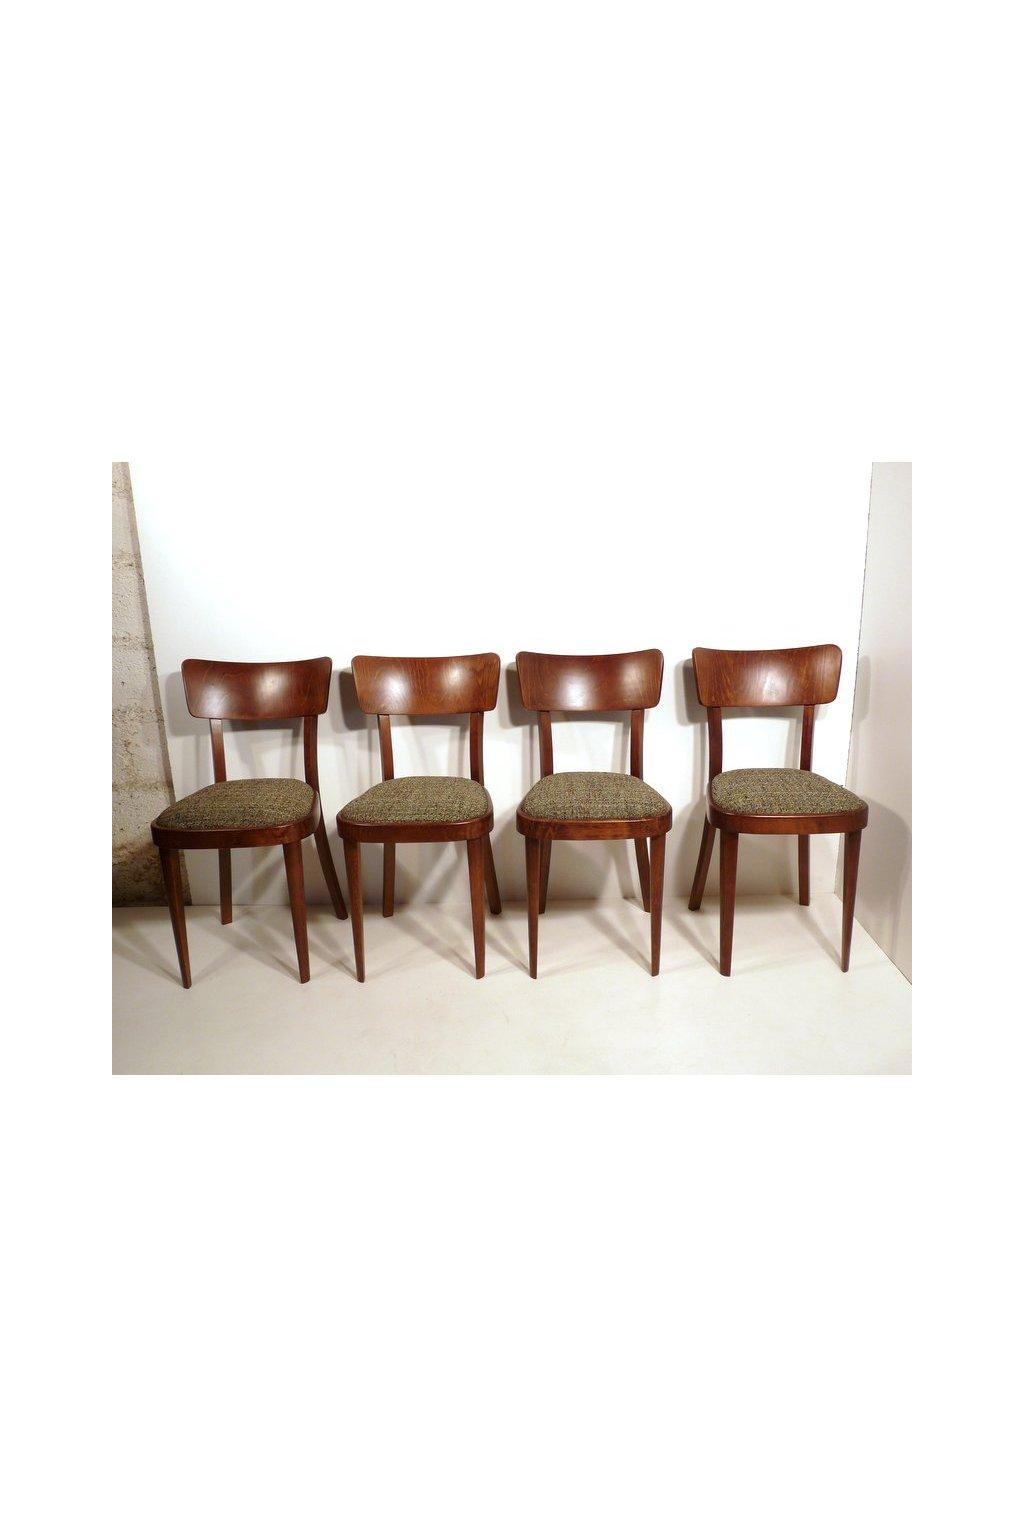 dřevěné čalouněné jídelní židle1 P1420618